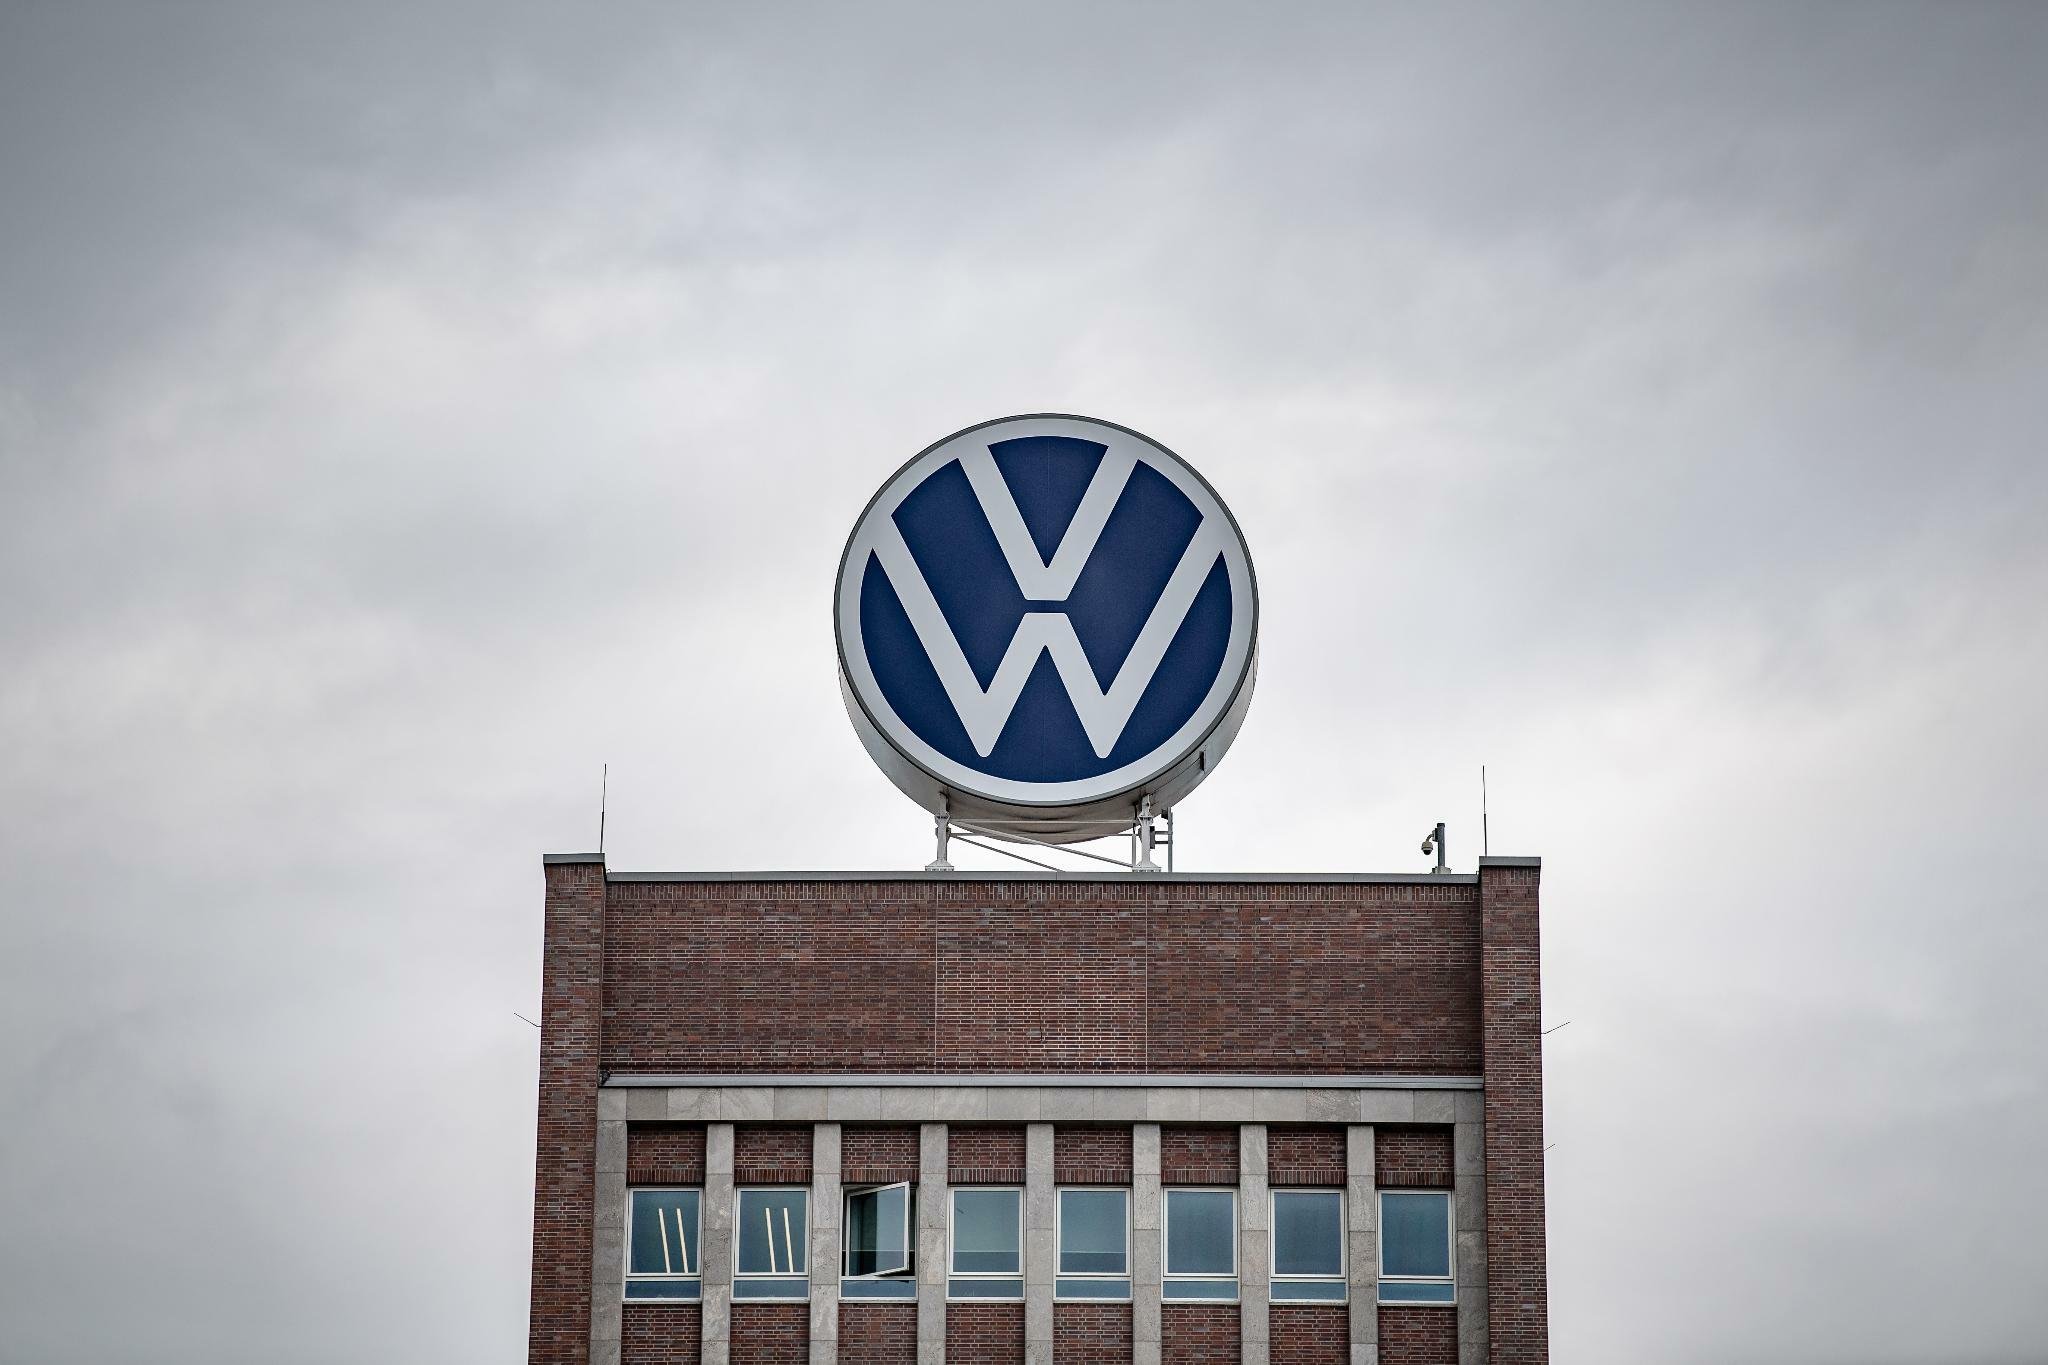 Musterprozess gegen VW verzögert sich bis Dezember